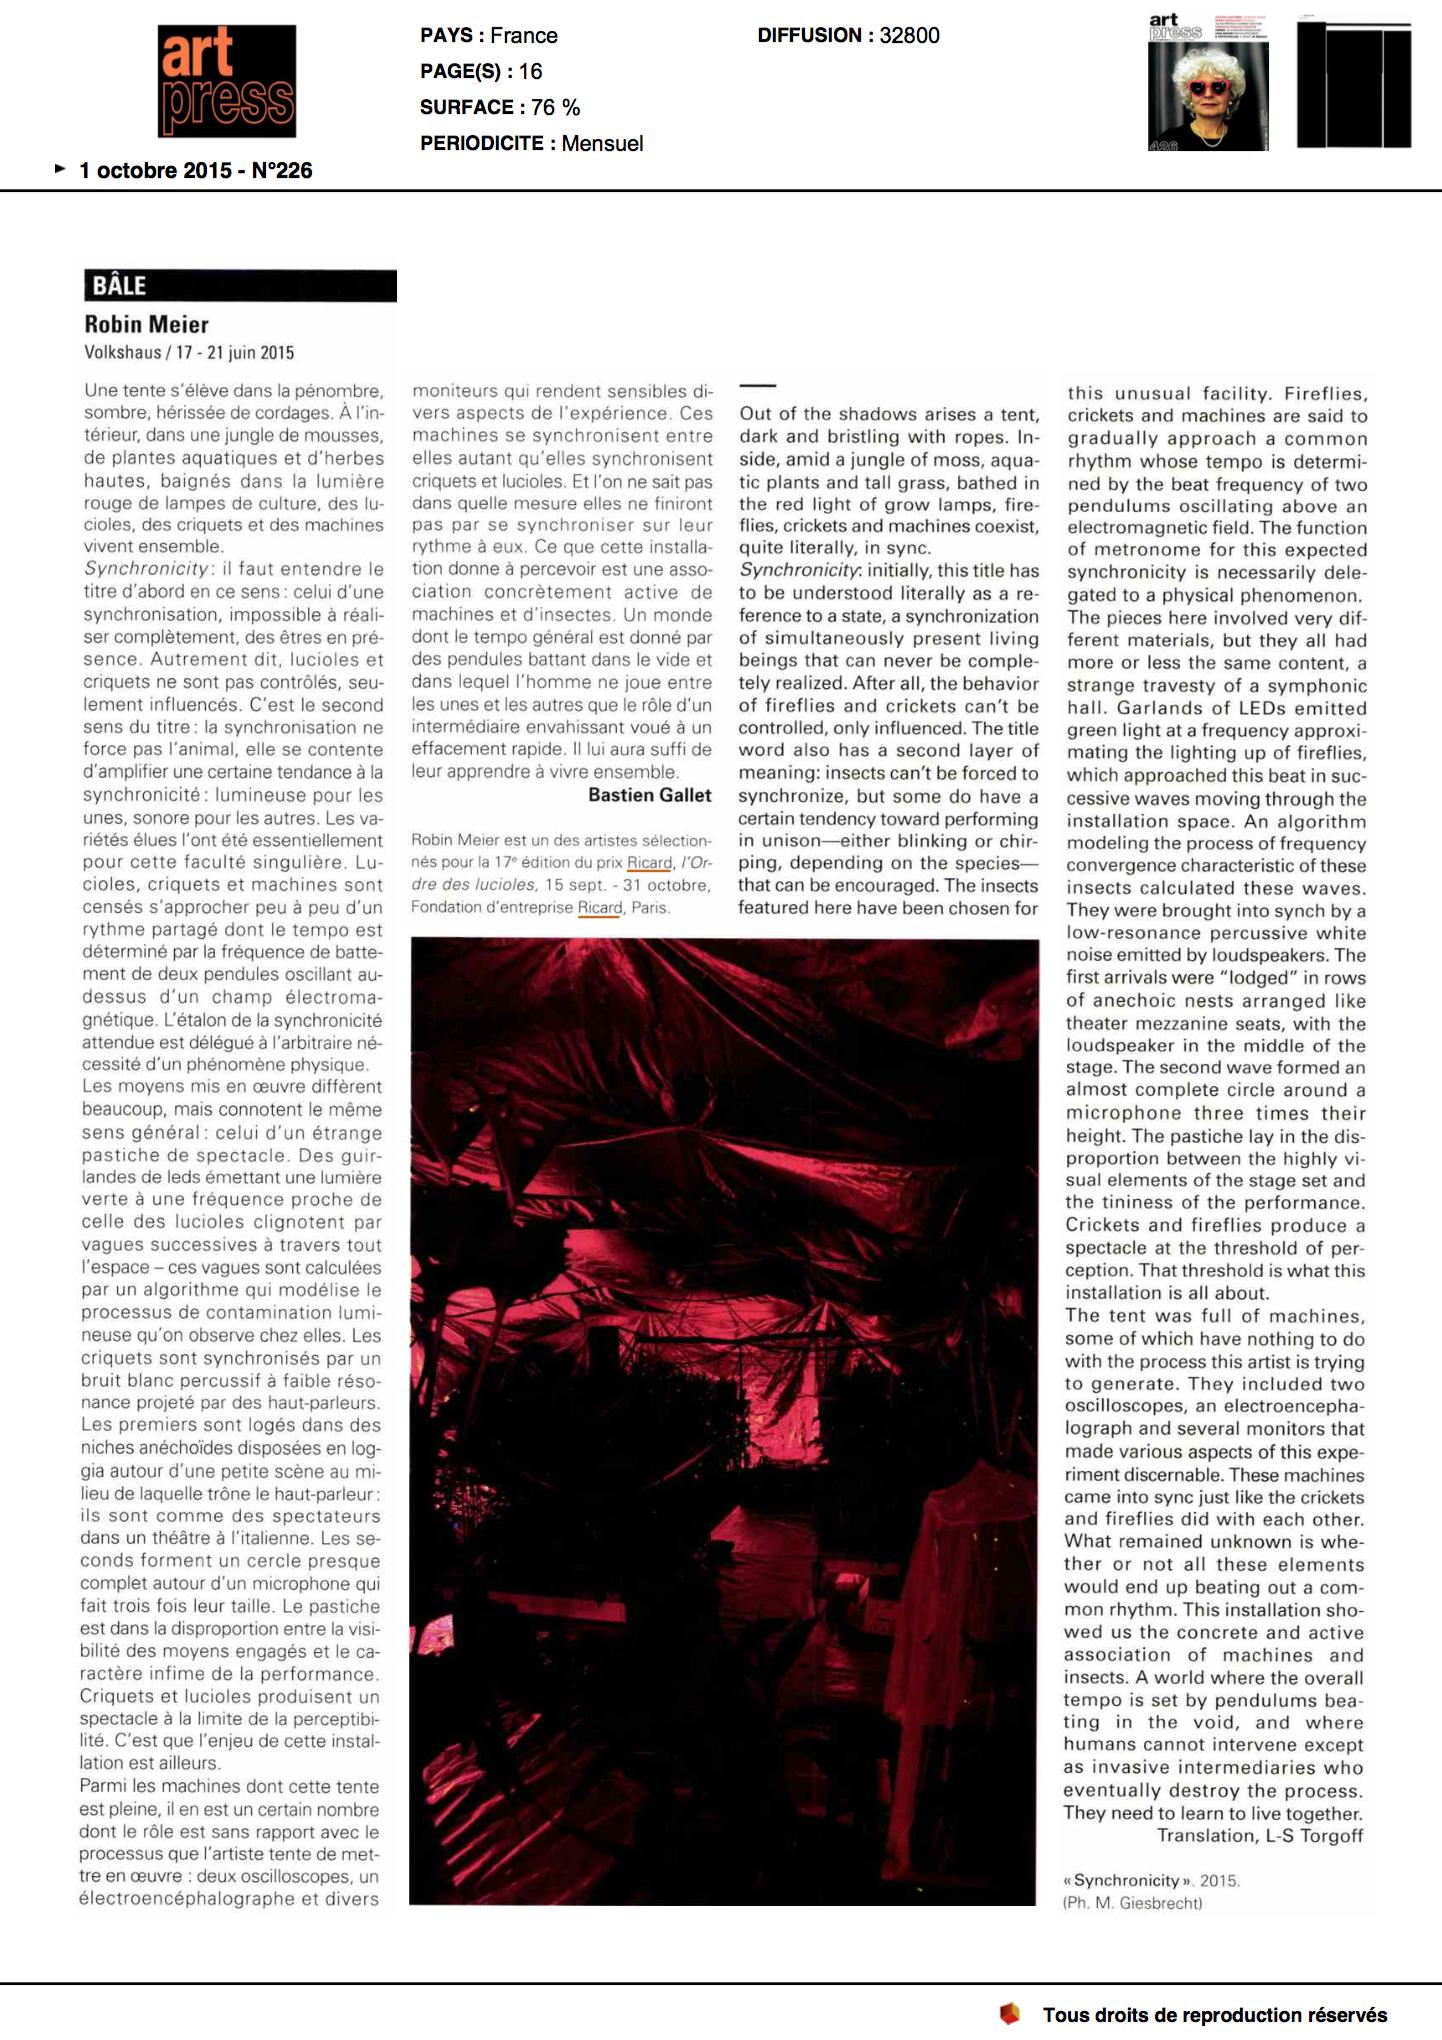 art press screenshot